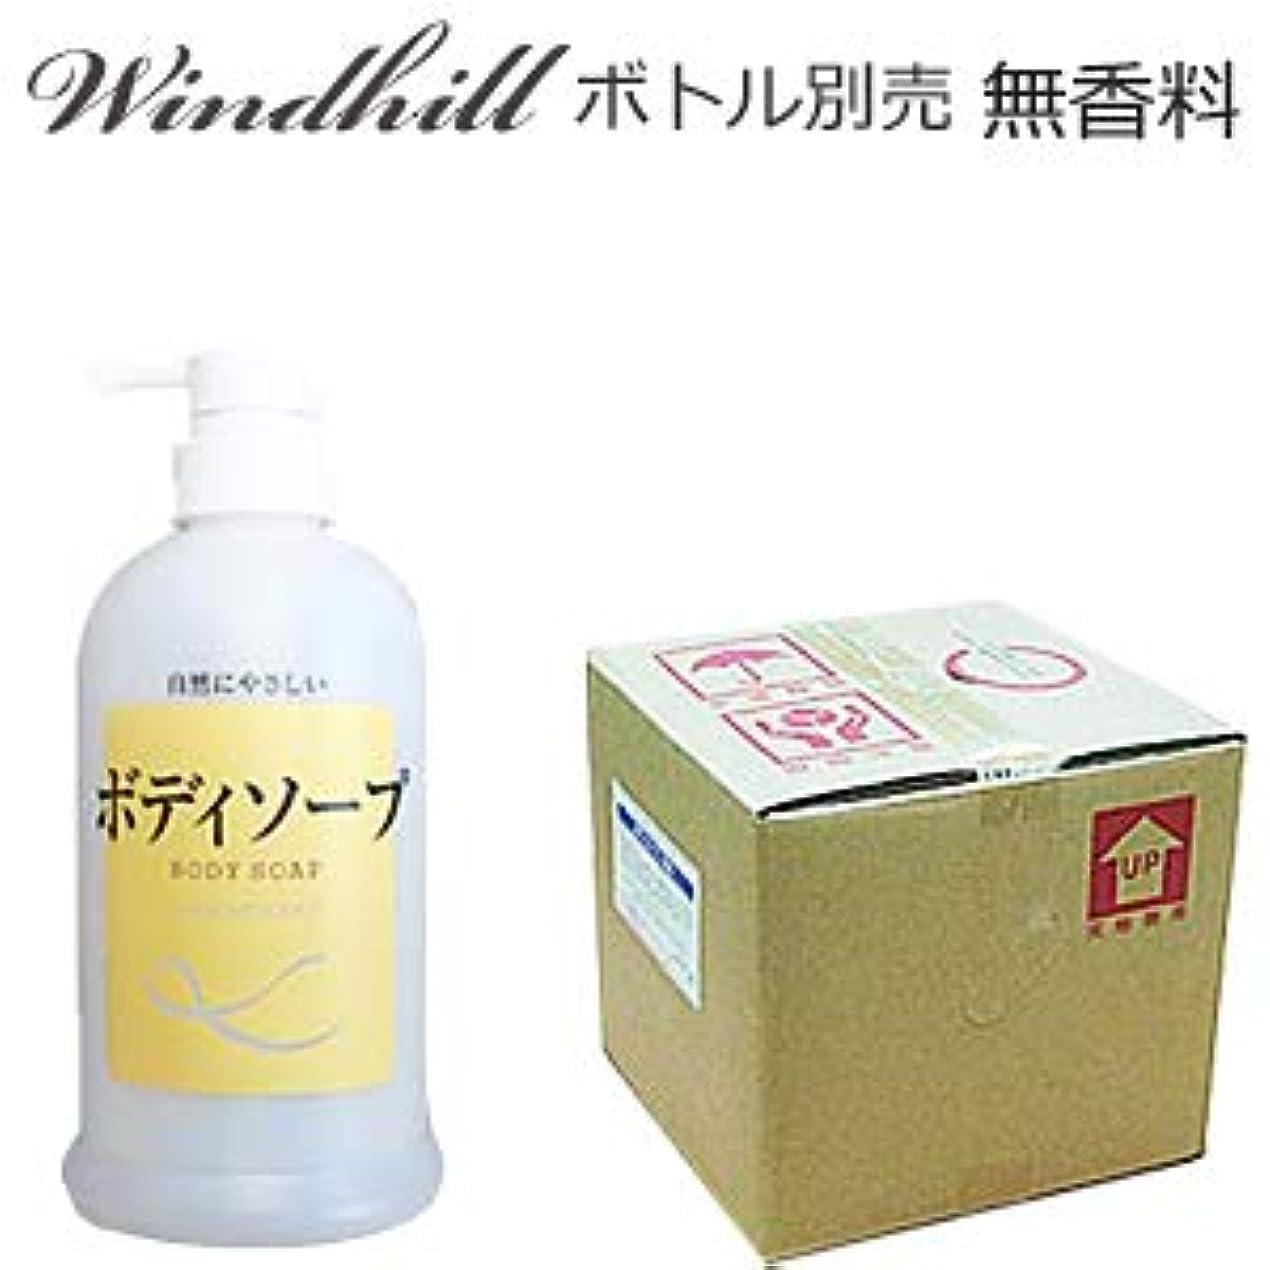 優先権生き残りダイヤルWindhill 植物性 業務用ボディソープ 無香料 20L(1セット20L入)